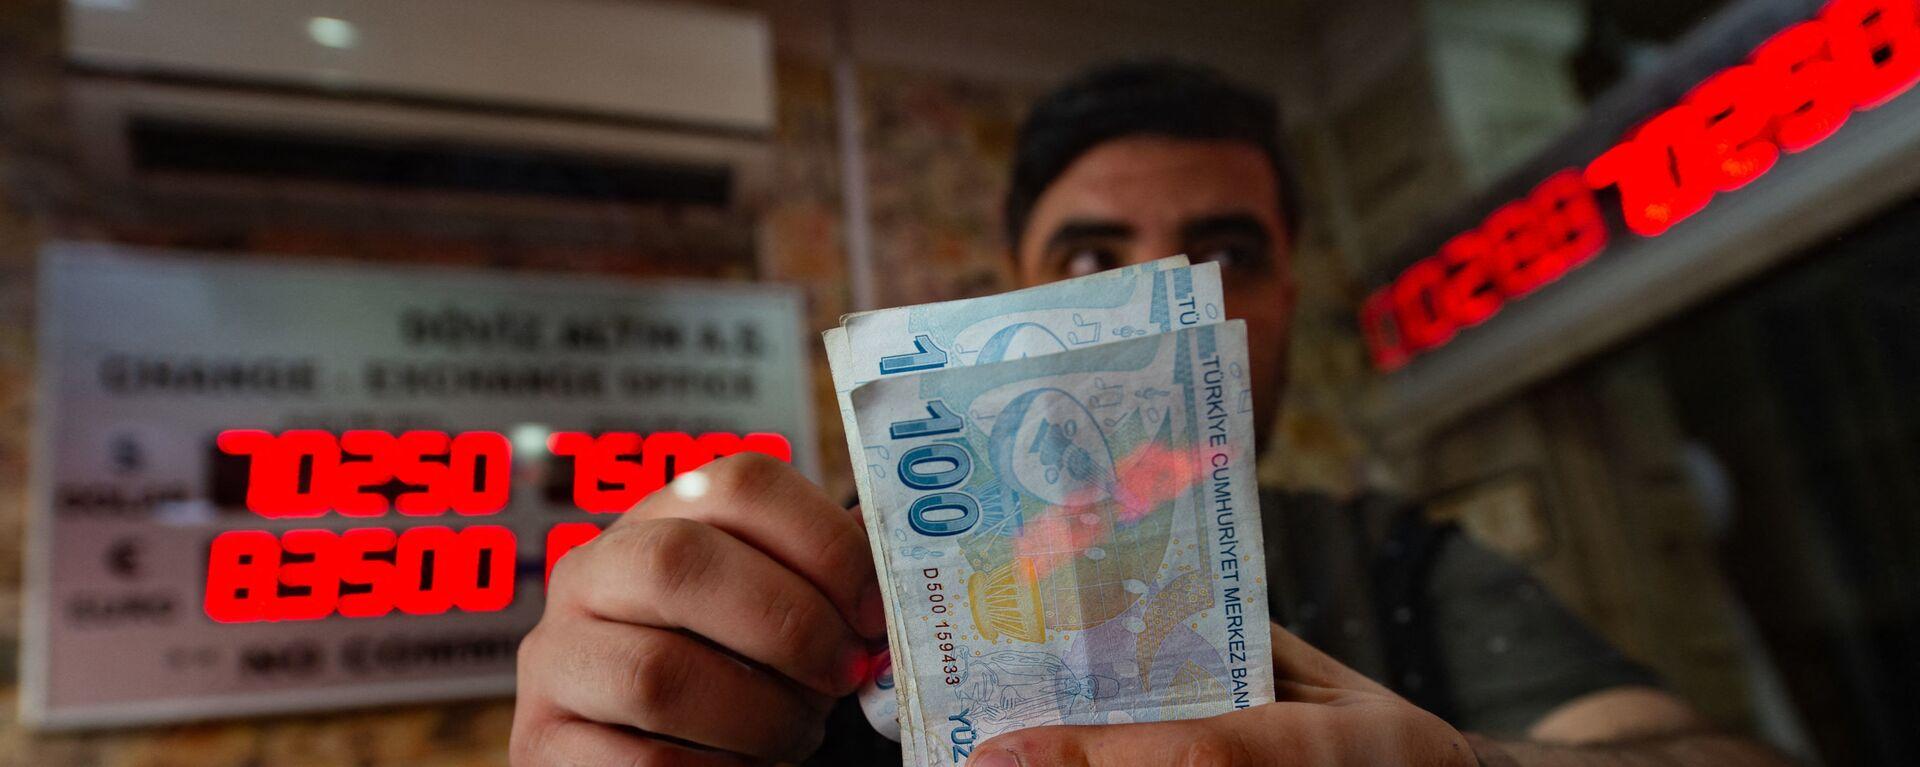 Сотрудник пункта обмена валюты считает банкноты турецких лир, фото из архива - Sputnik Азербайджан, 1920, 02.04.2021